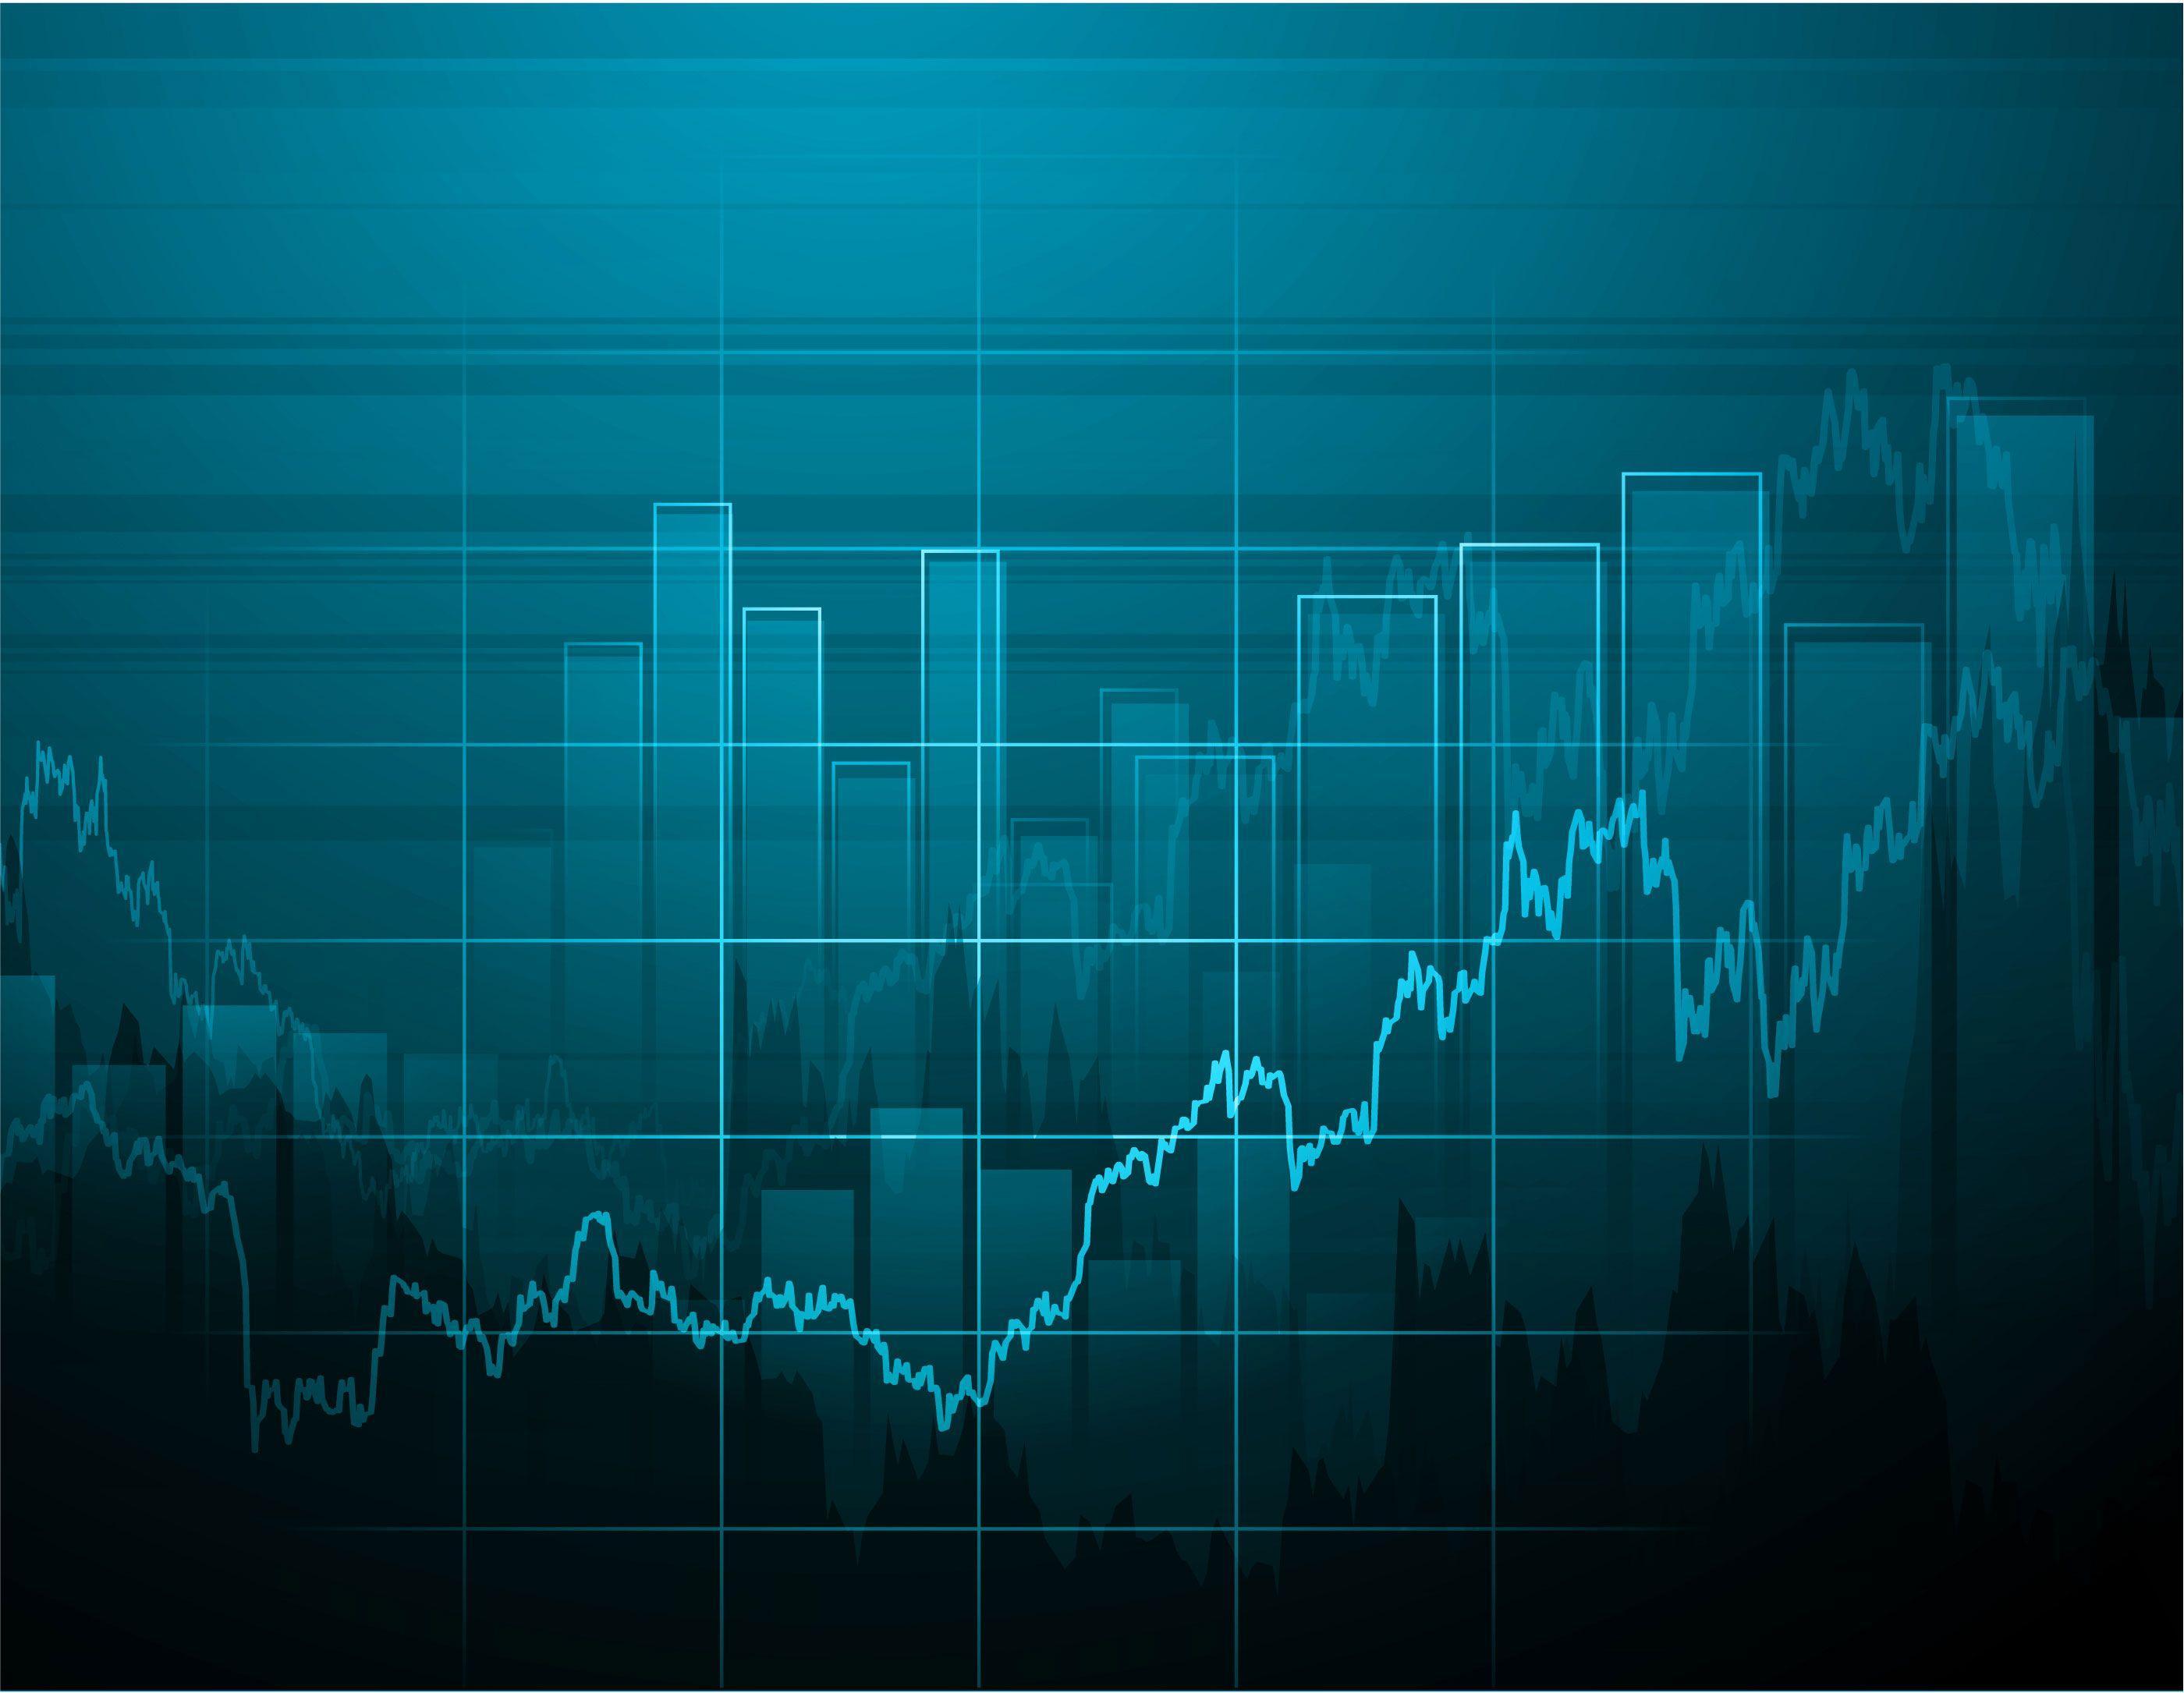 """giá bitcoin: Vì sao các coin sàn vẫn rất """"nhiệt"""" dù thị trường đang điều chỉnh?"""